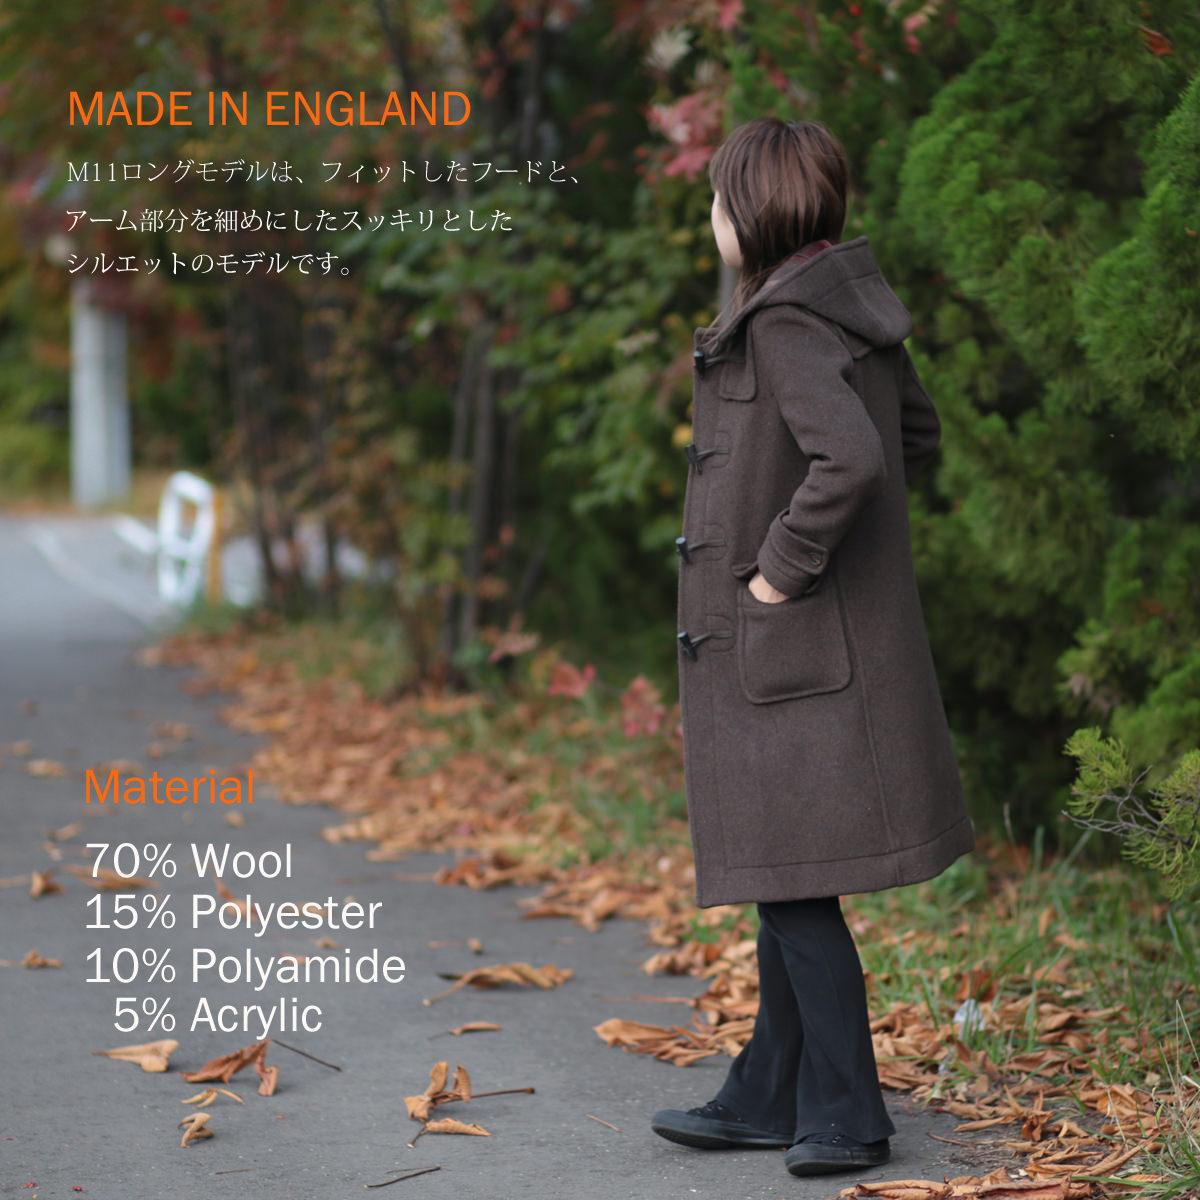 LONDON TRADITIONAW レディース ロングダッフルコート M-11 英国製 ウール ナツメグ ロンドントラディション チェック 上着 MADE IN ENGLAND ギフト 長い 厚手 防寒 トラッド